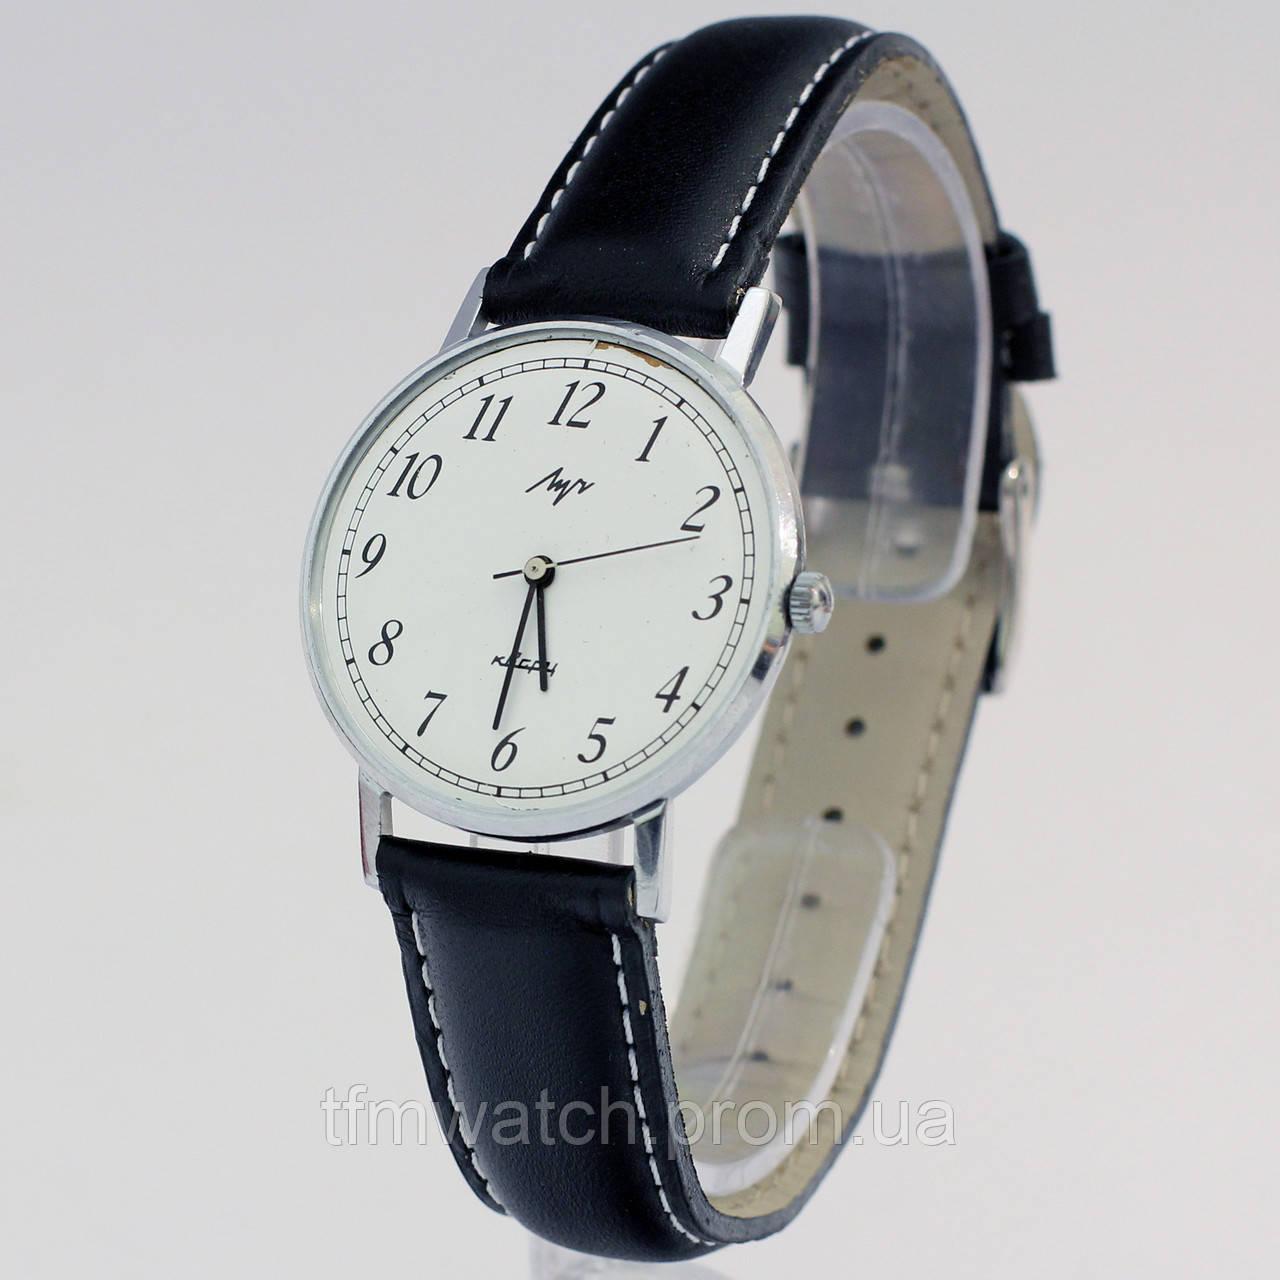 Кварцевые часы Луч СССР